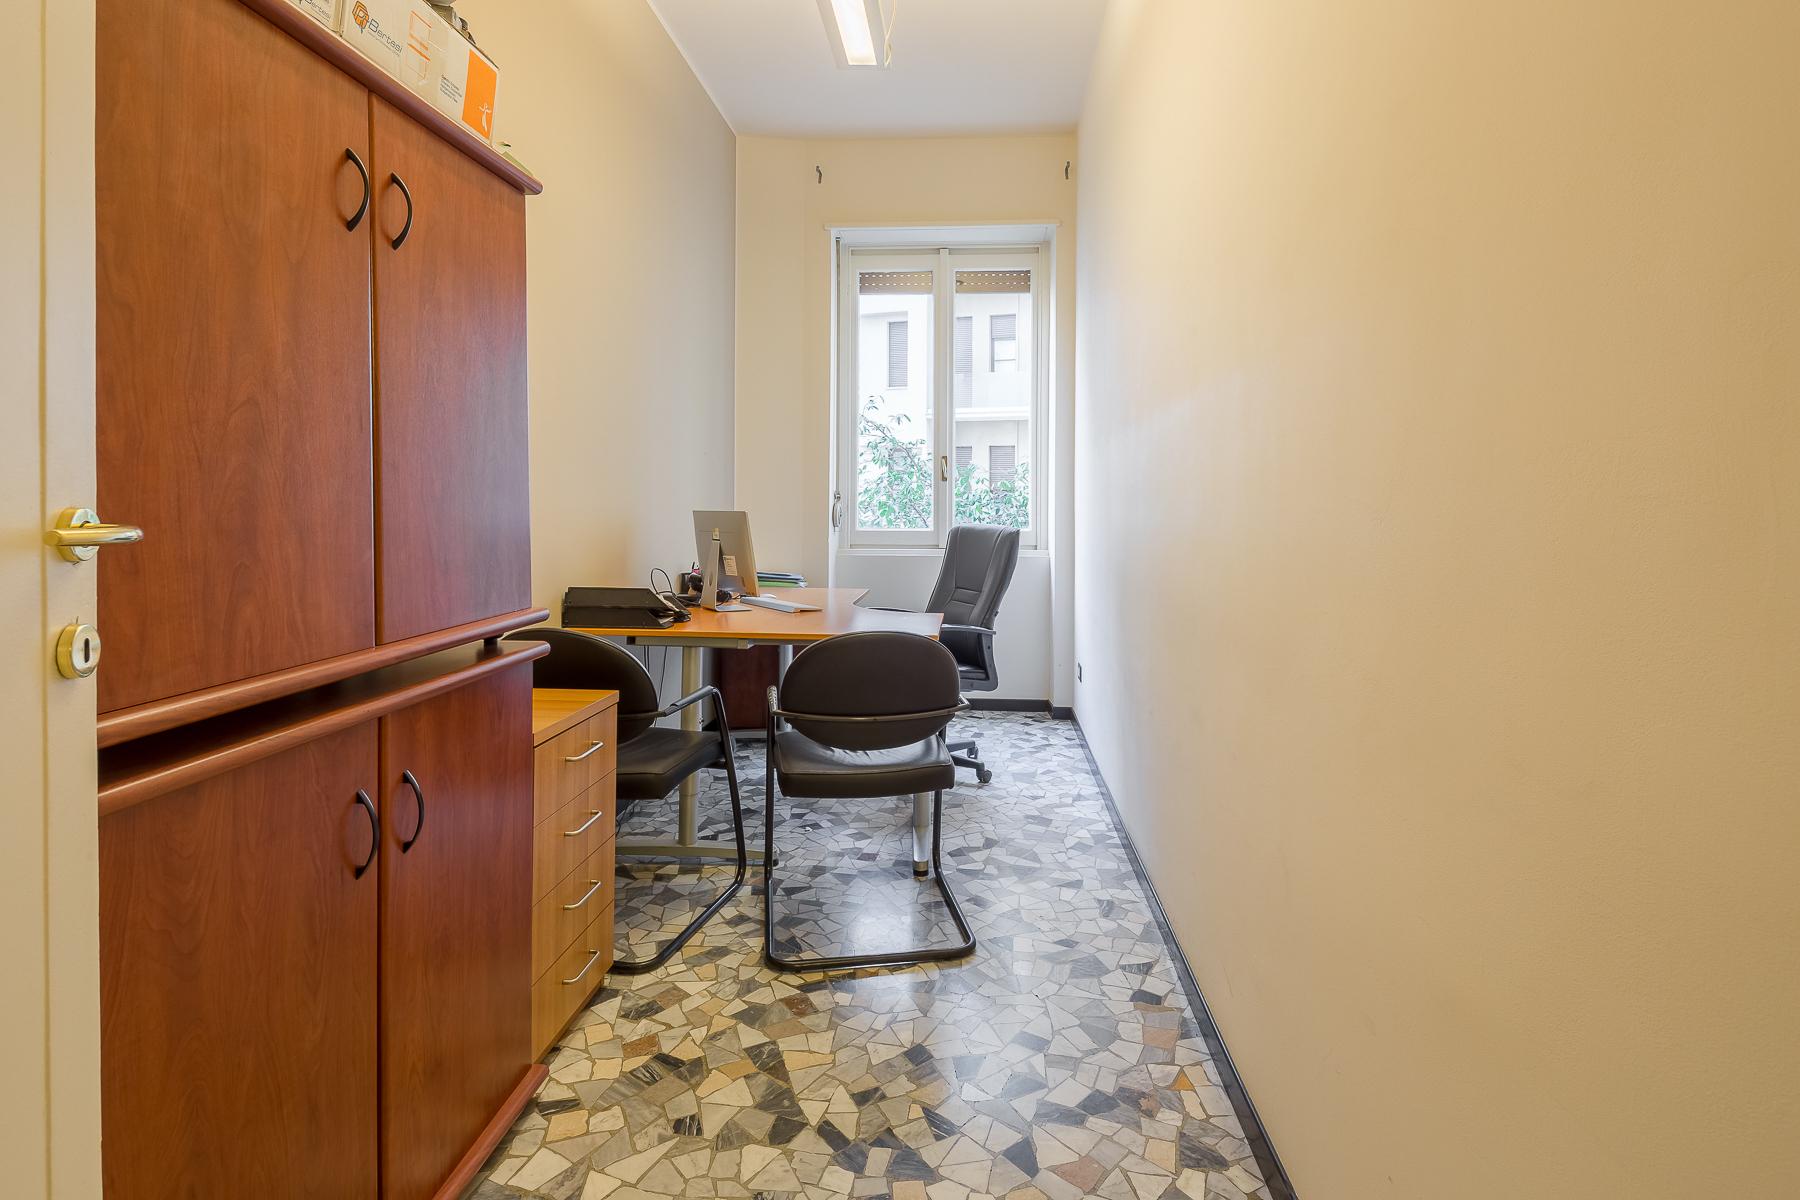 Ufficio-studio in Vendita a Milano: 4 locali, 155 mq - Foto 16